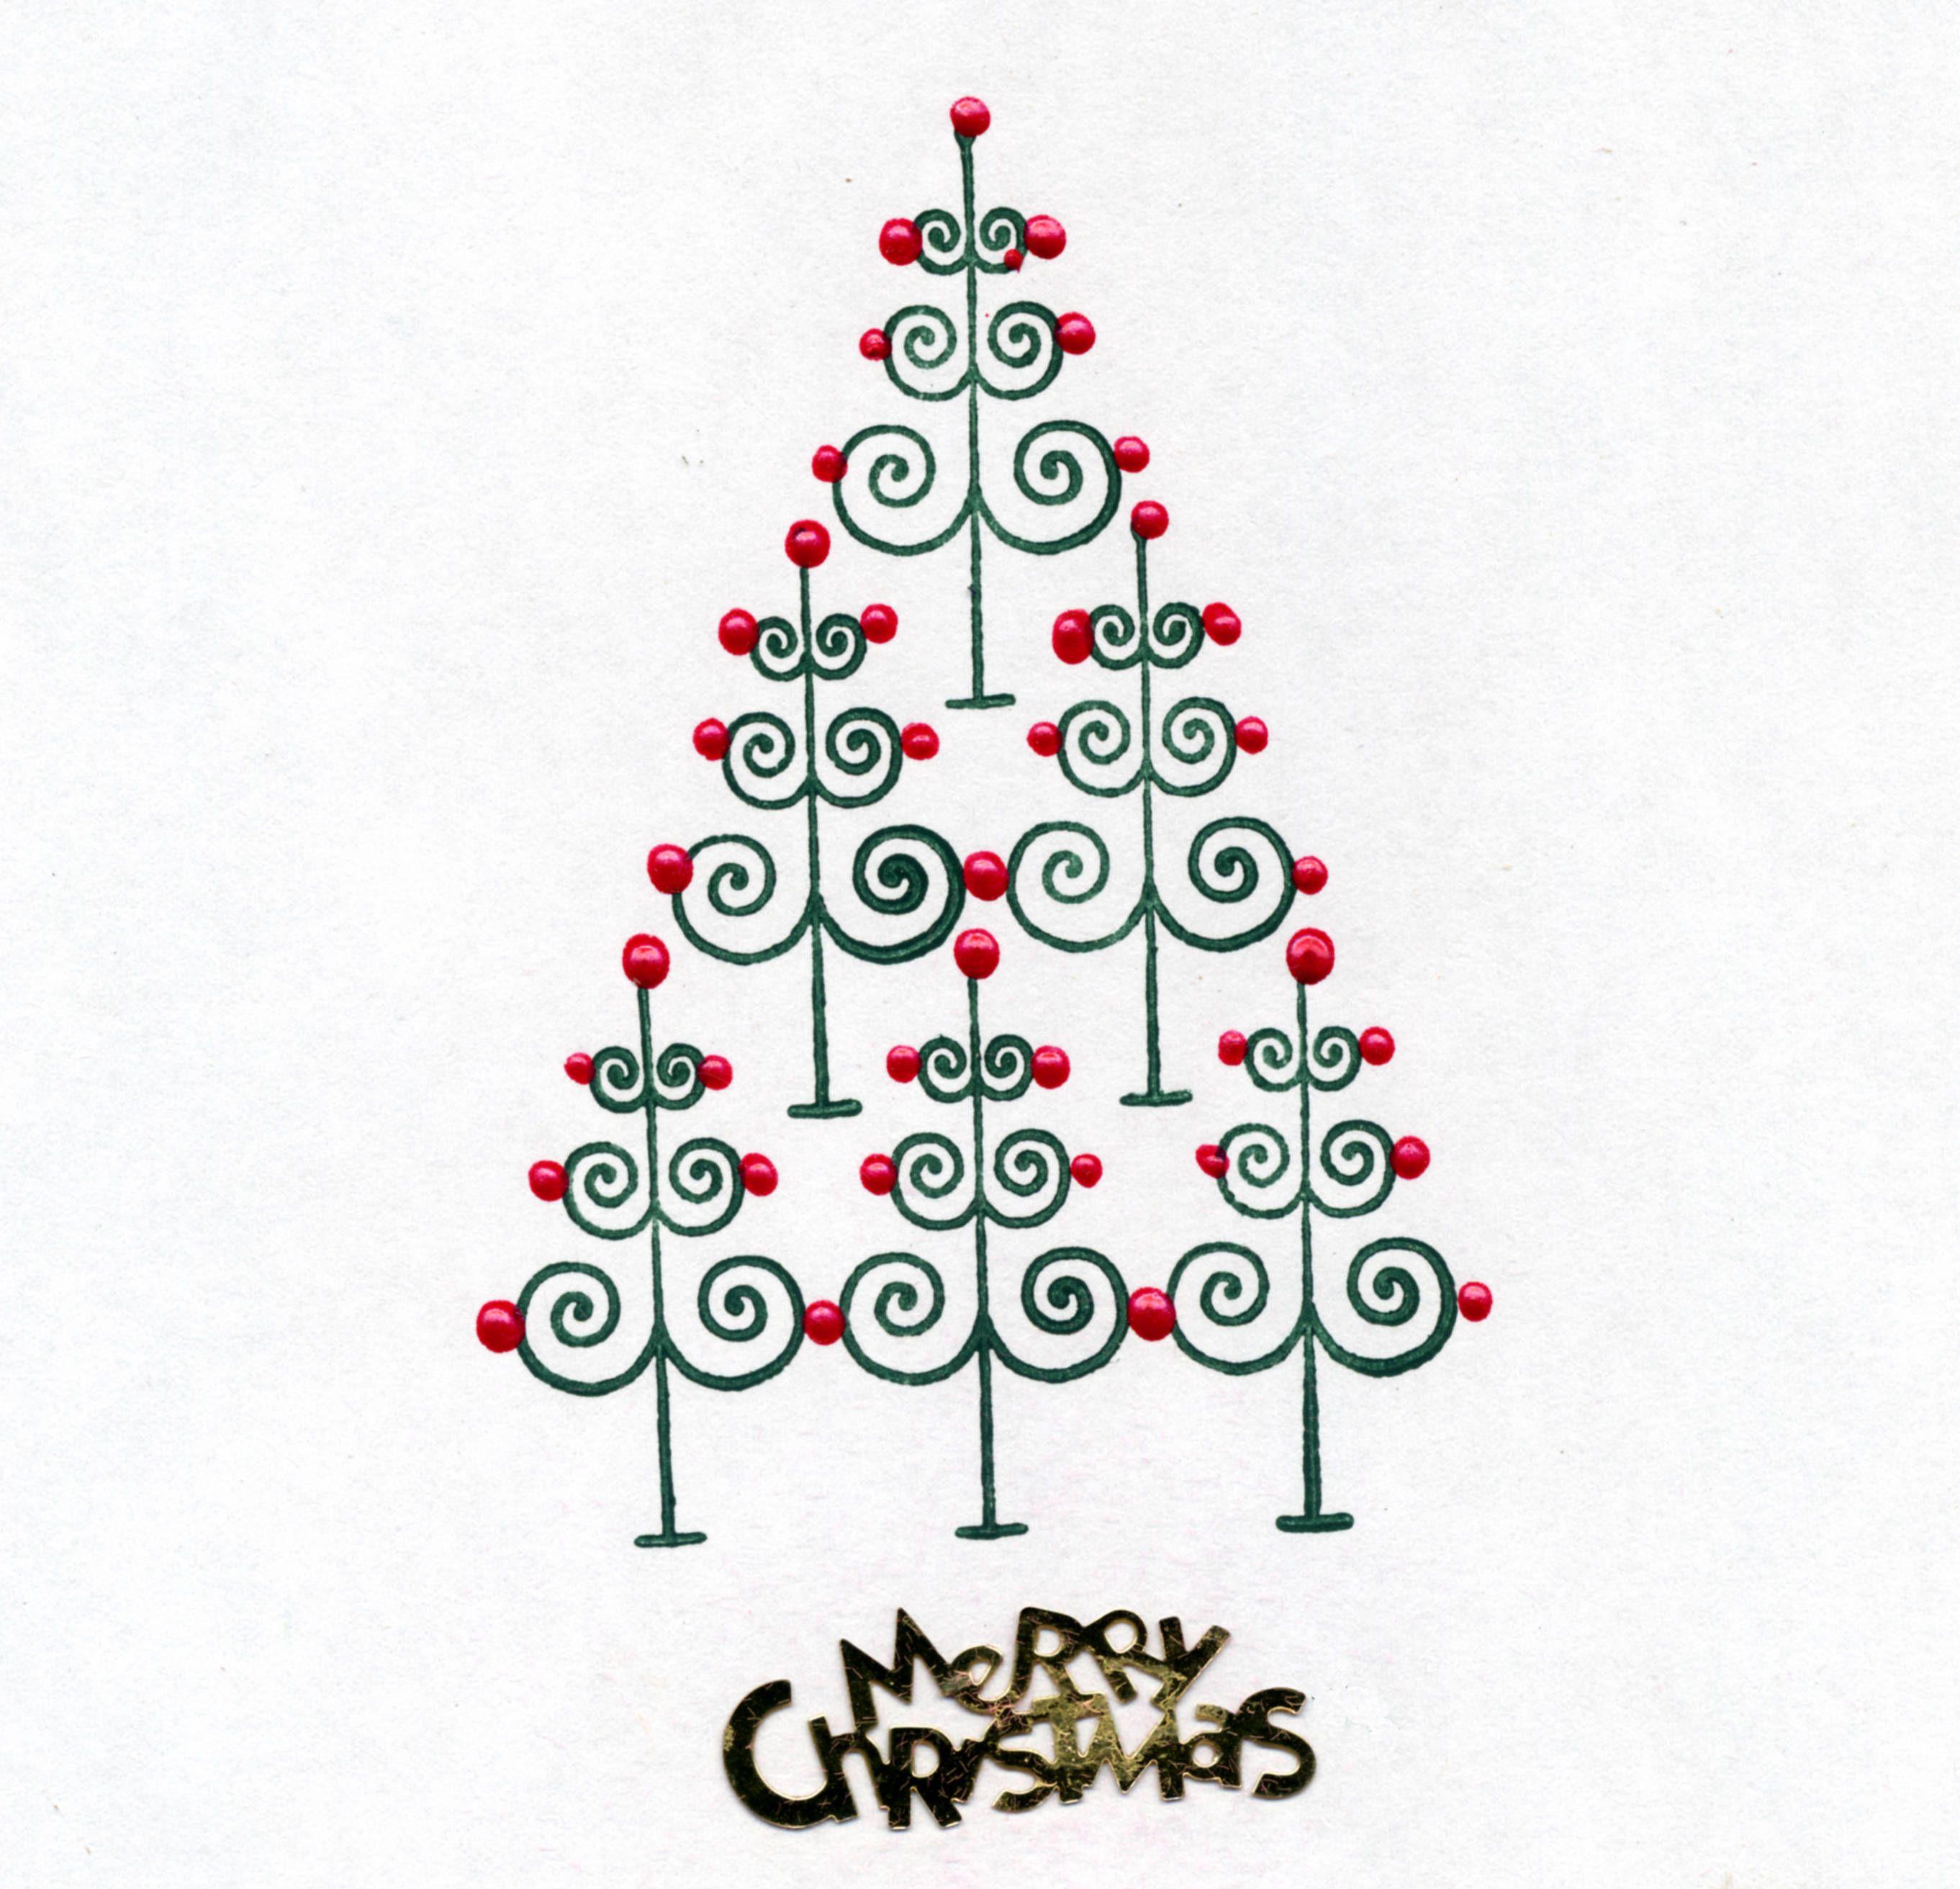 Homemade Christmas Cards Designs Xmas Cards Pinterest Homemade